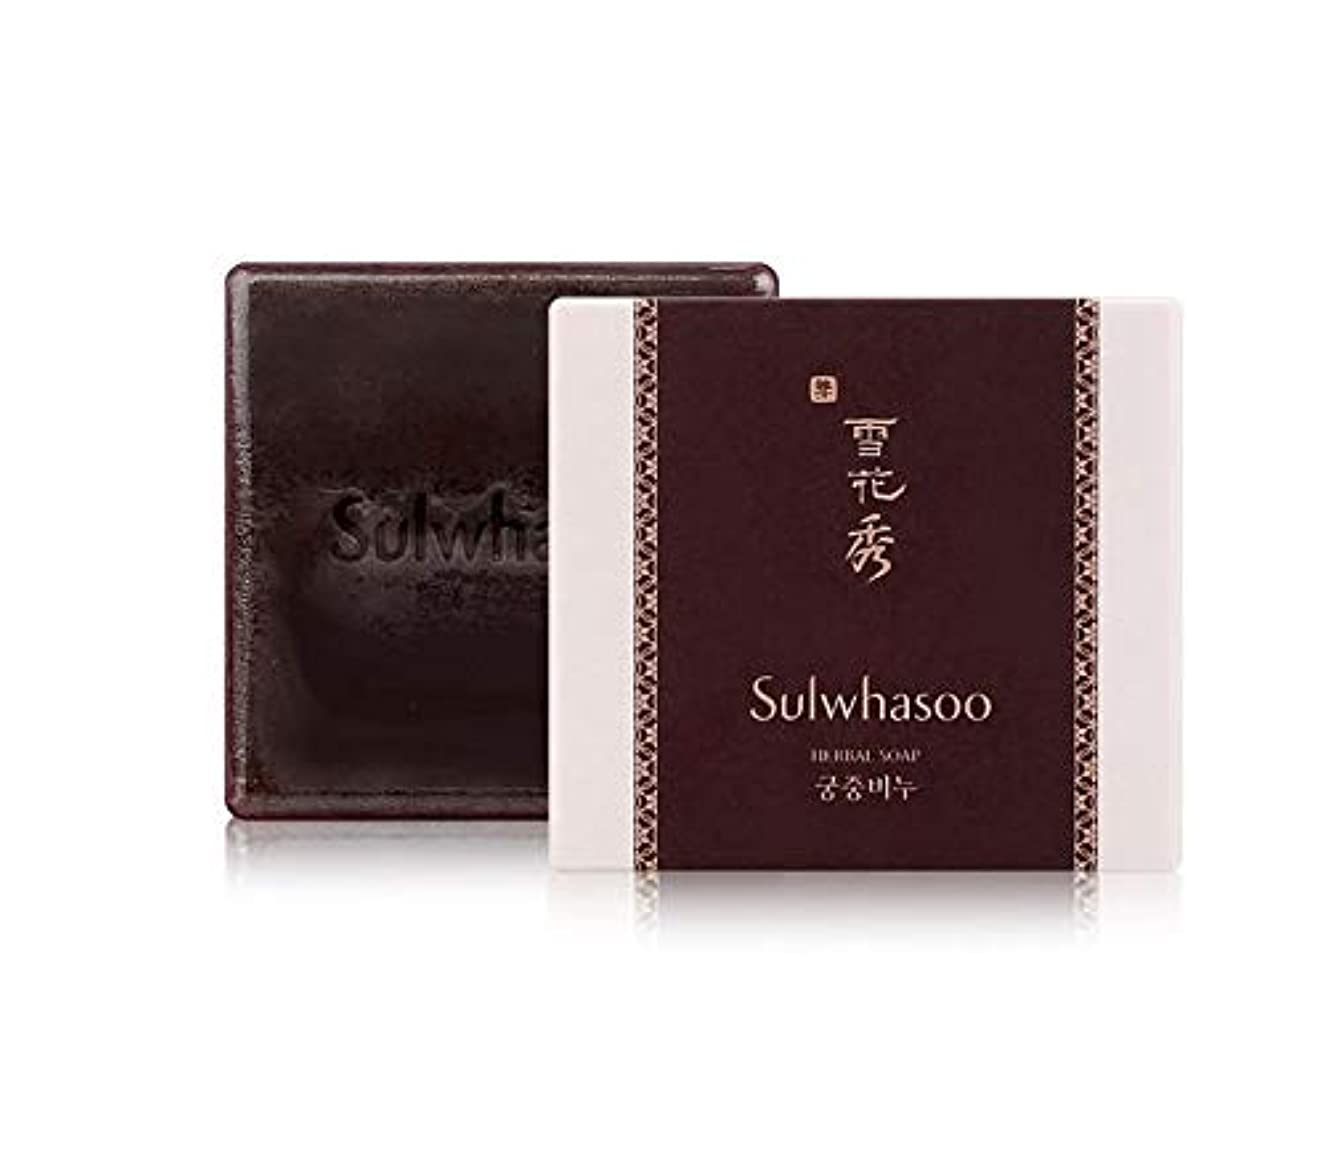 トーナメント現実不実[雪花秀] SULWHASOO HERBAL SOAP 宮中石鹸 (韩国正品)